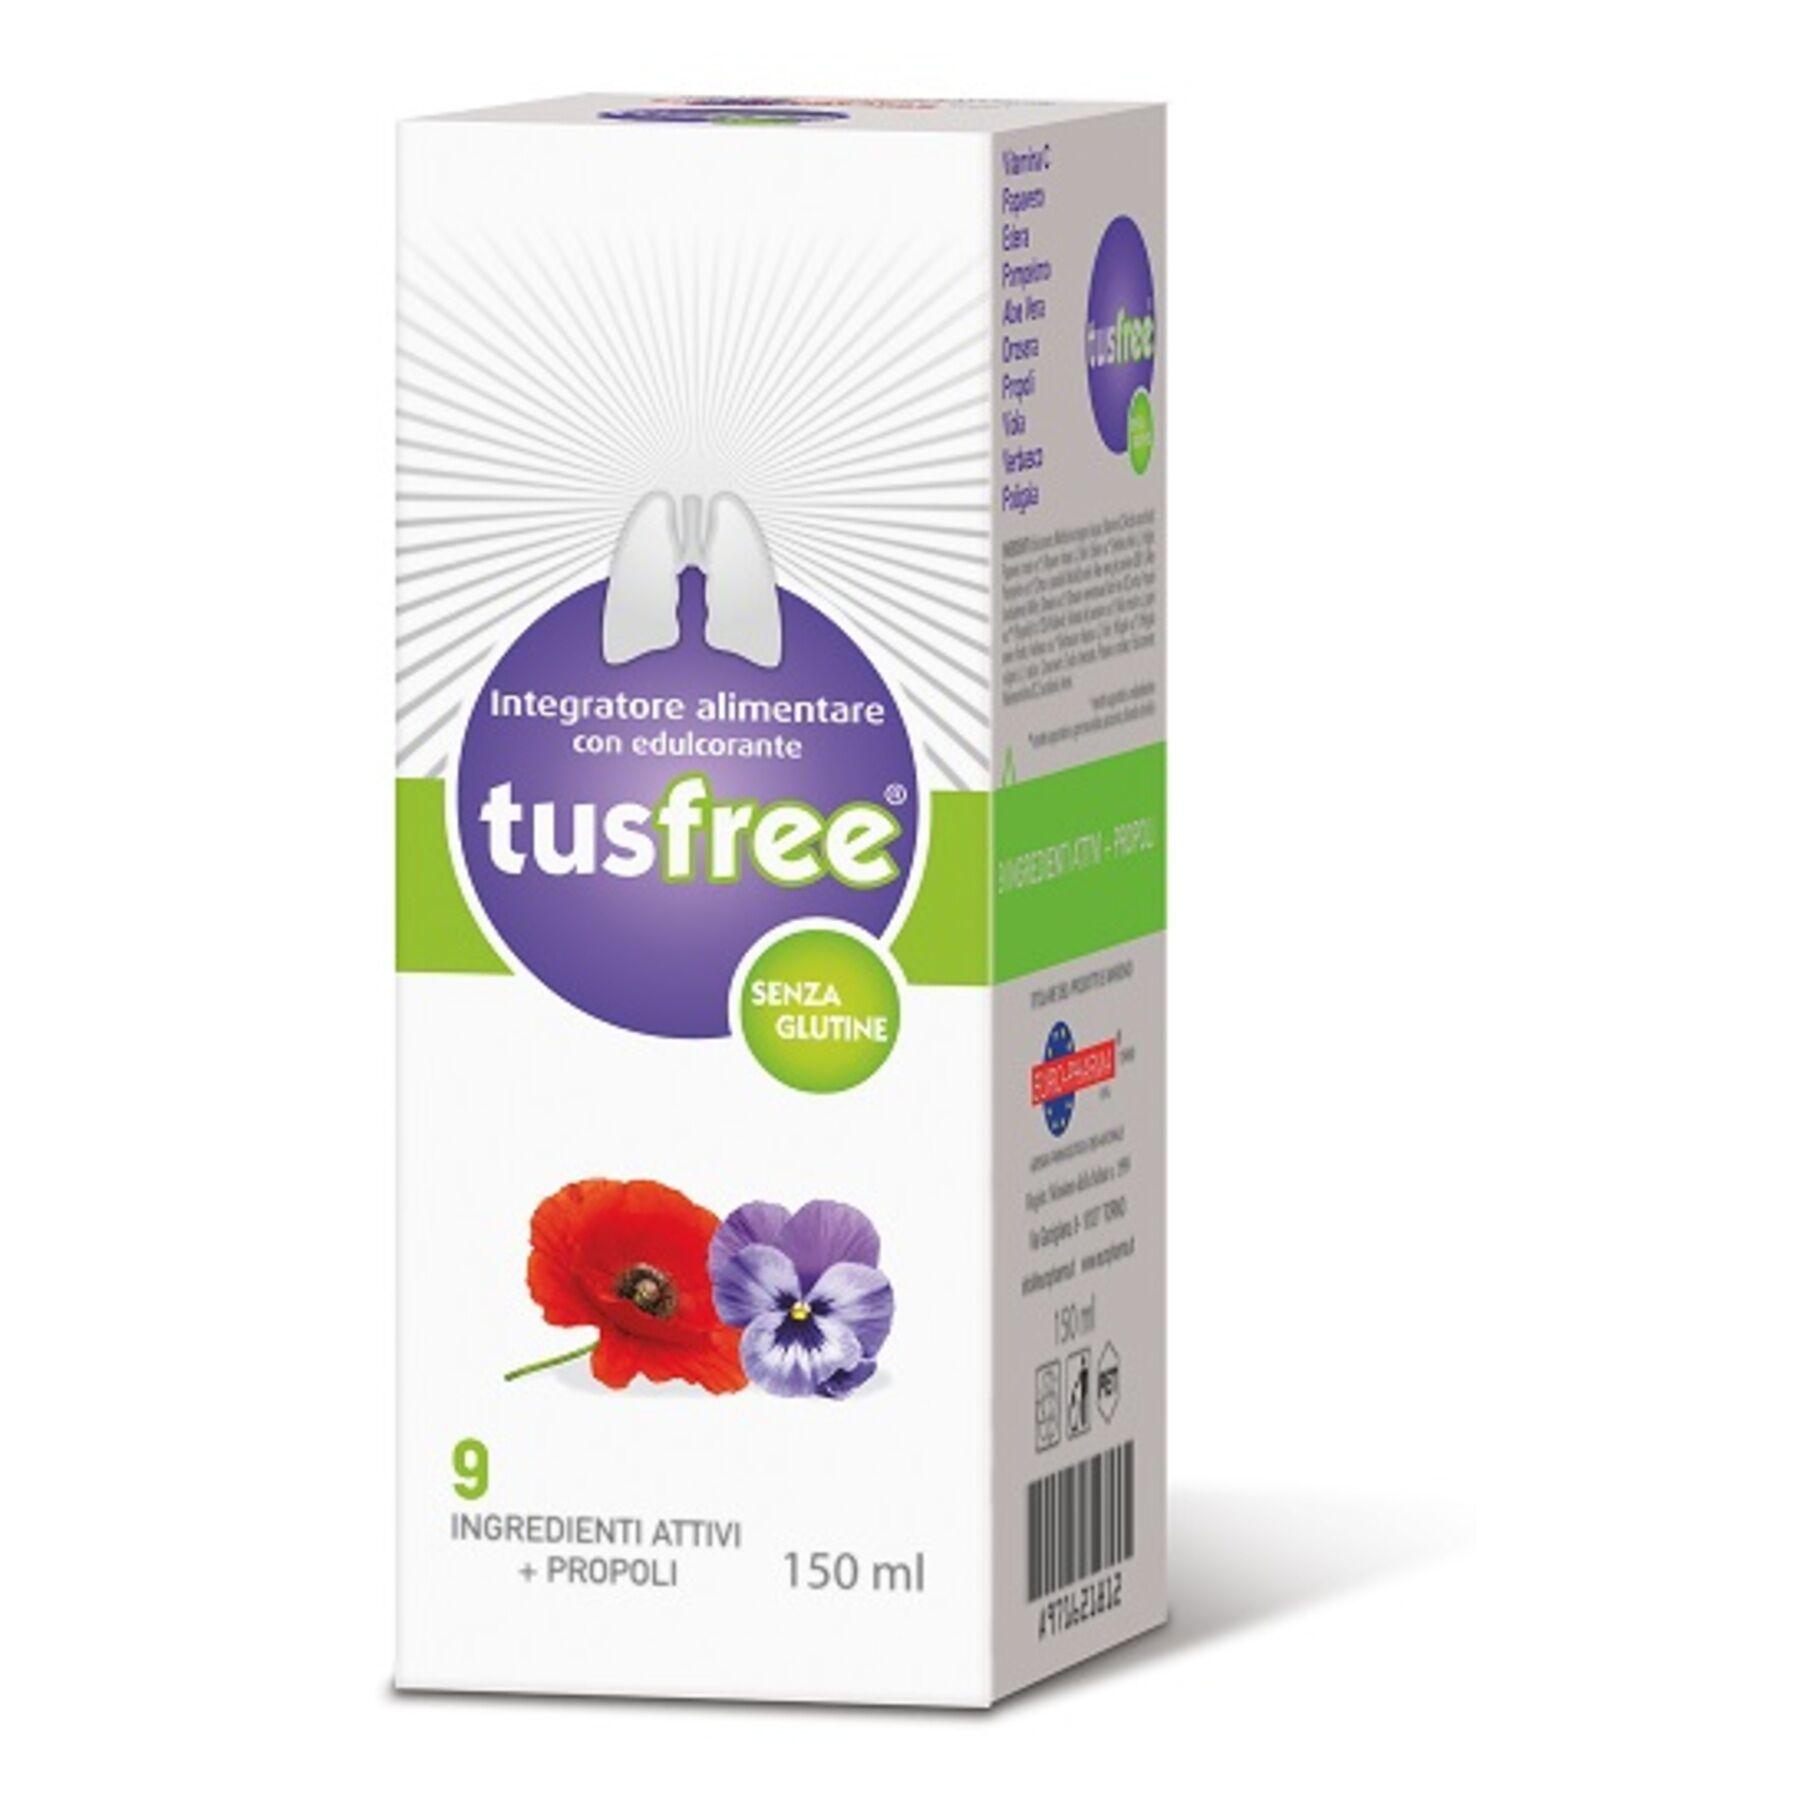 euro-pharma srl tusfree 150 ml